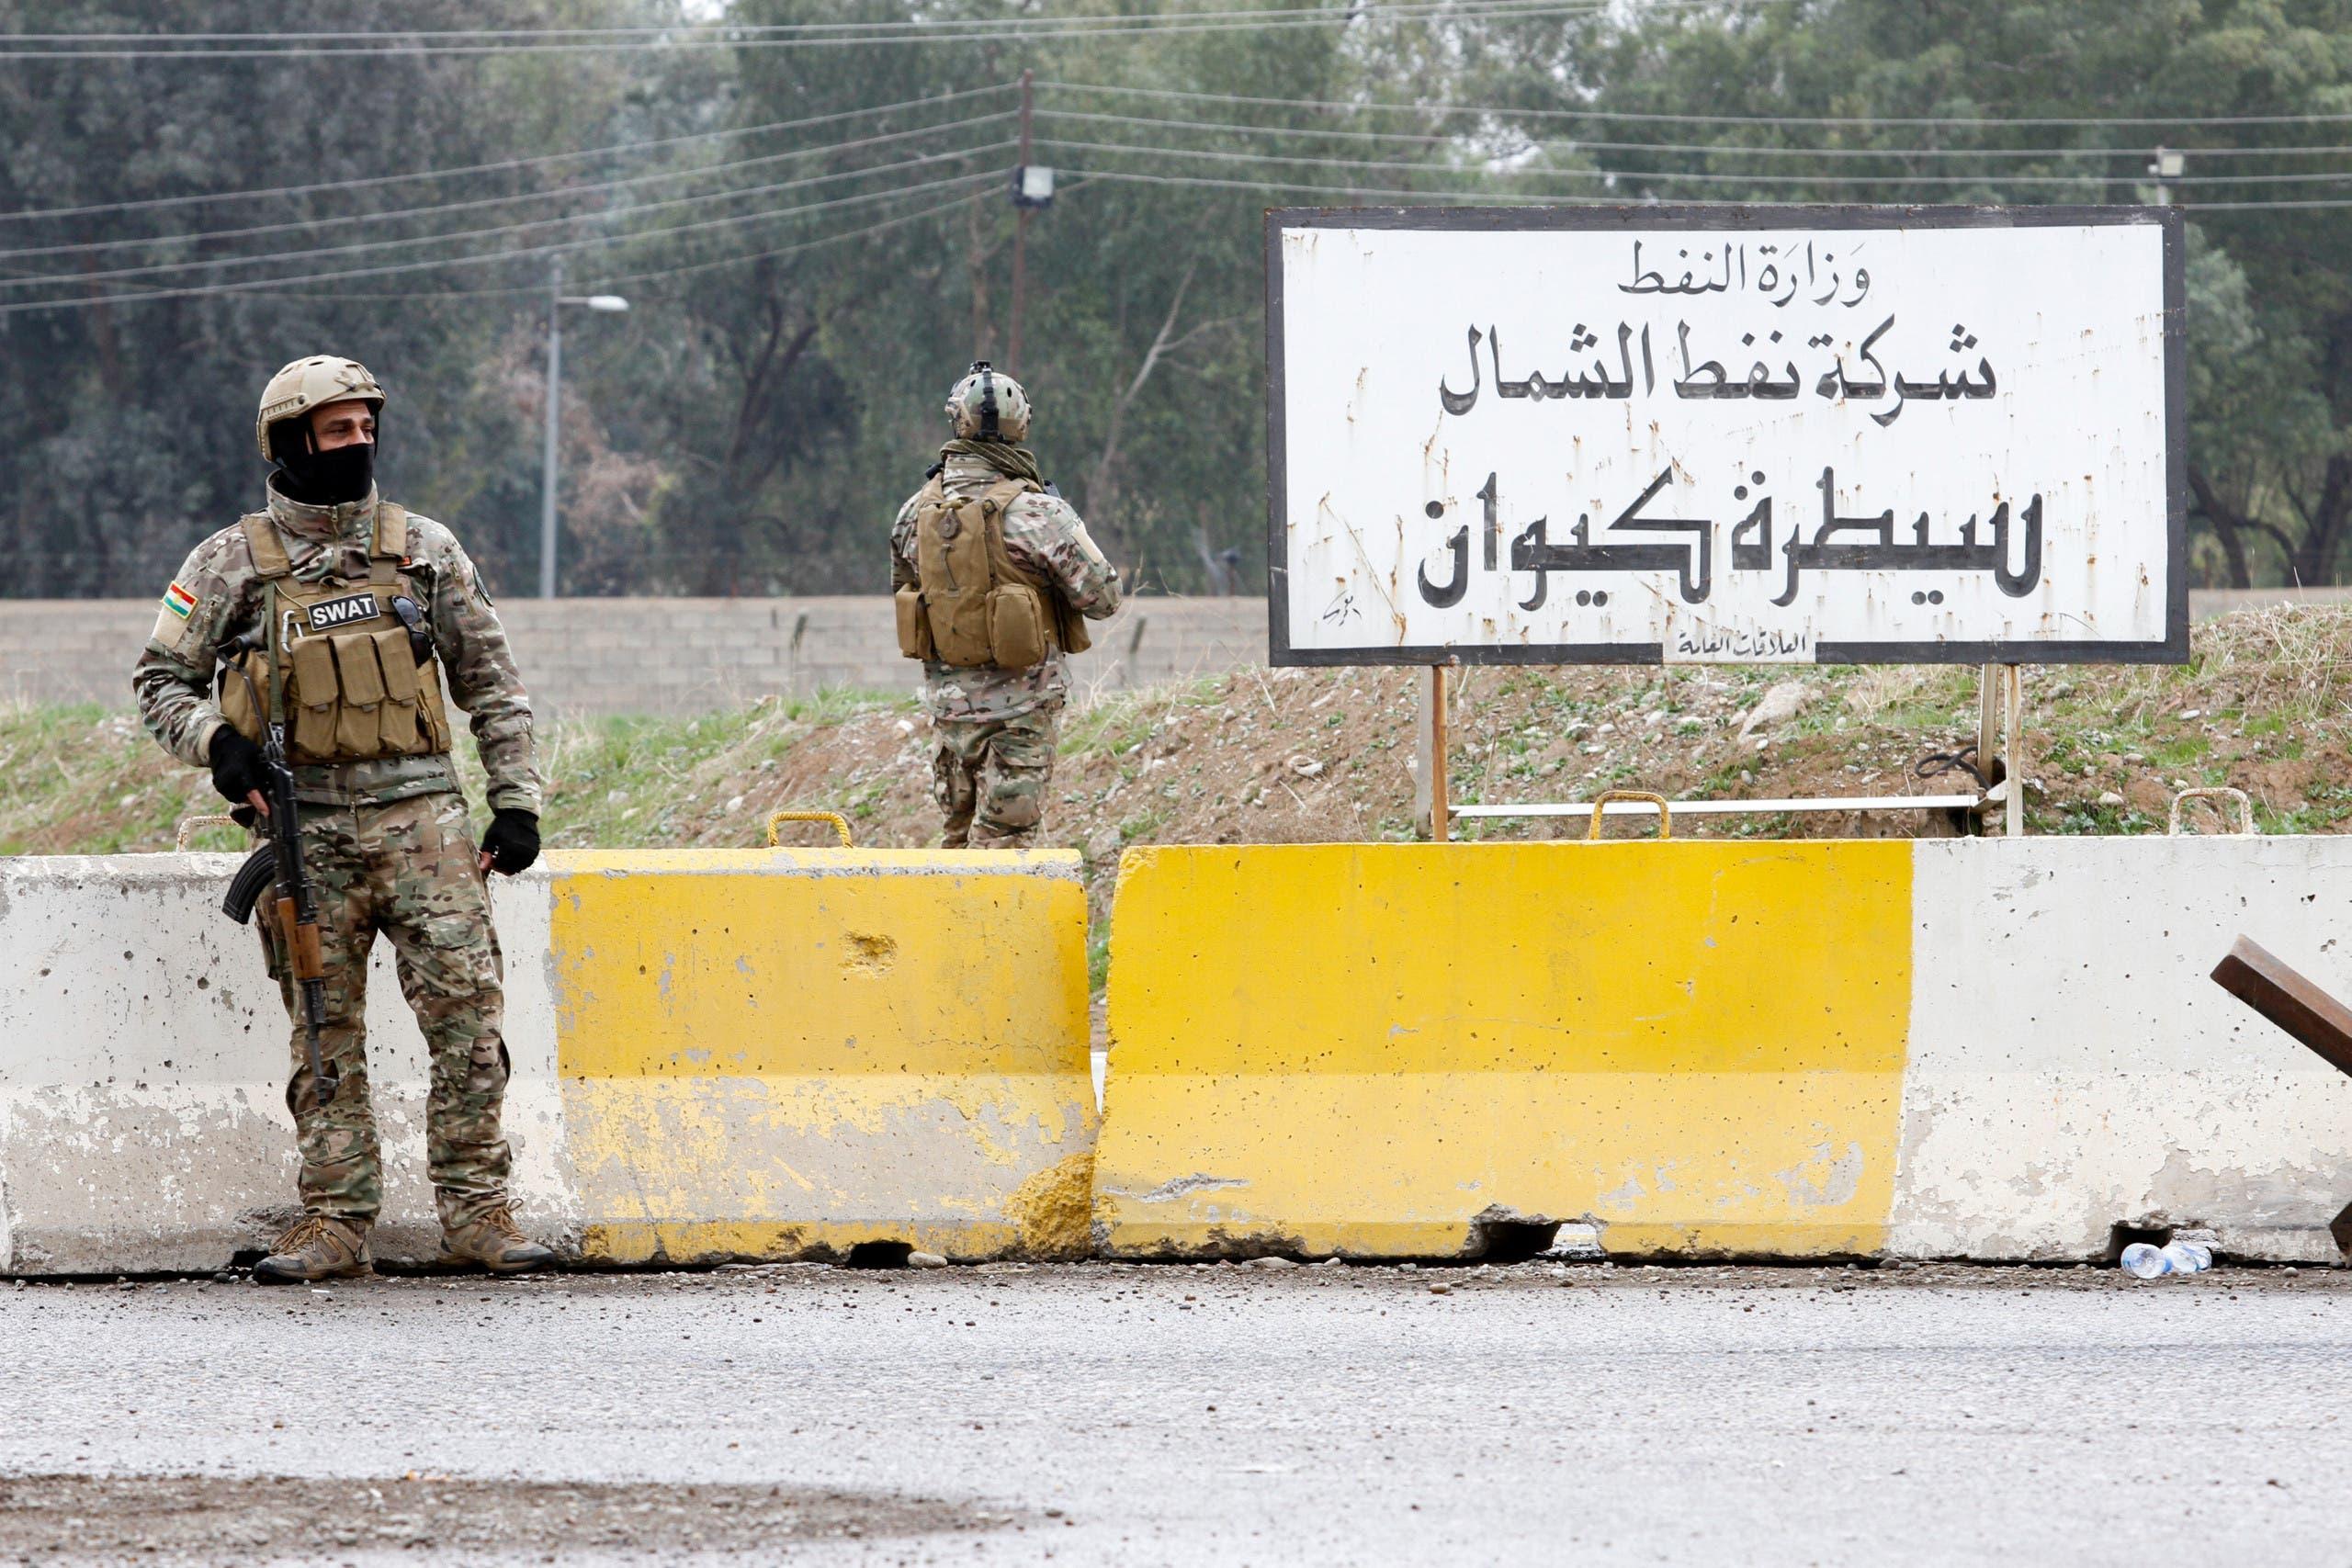 قوات كردية على باب منشأة نفطية في كركوك